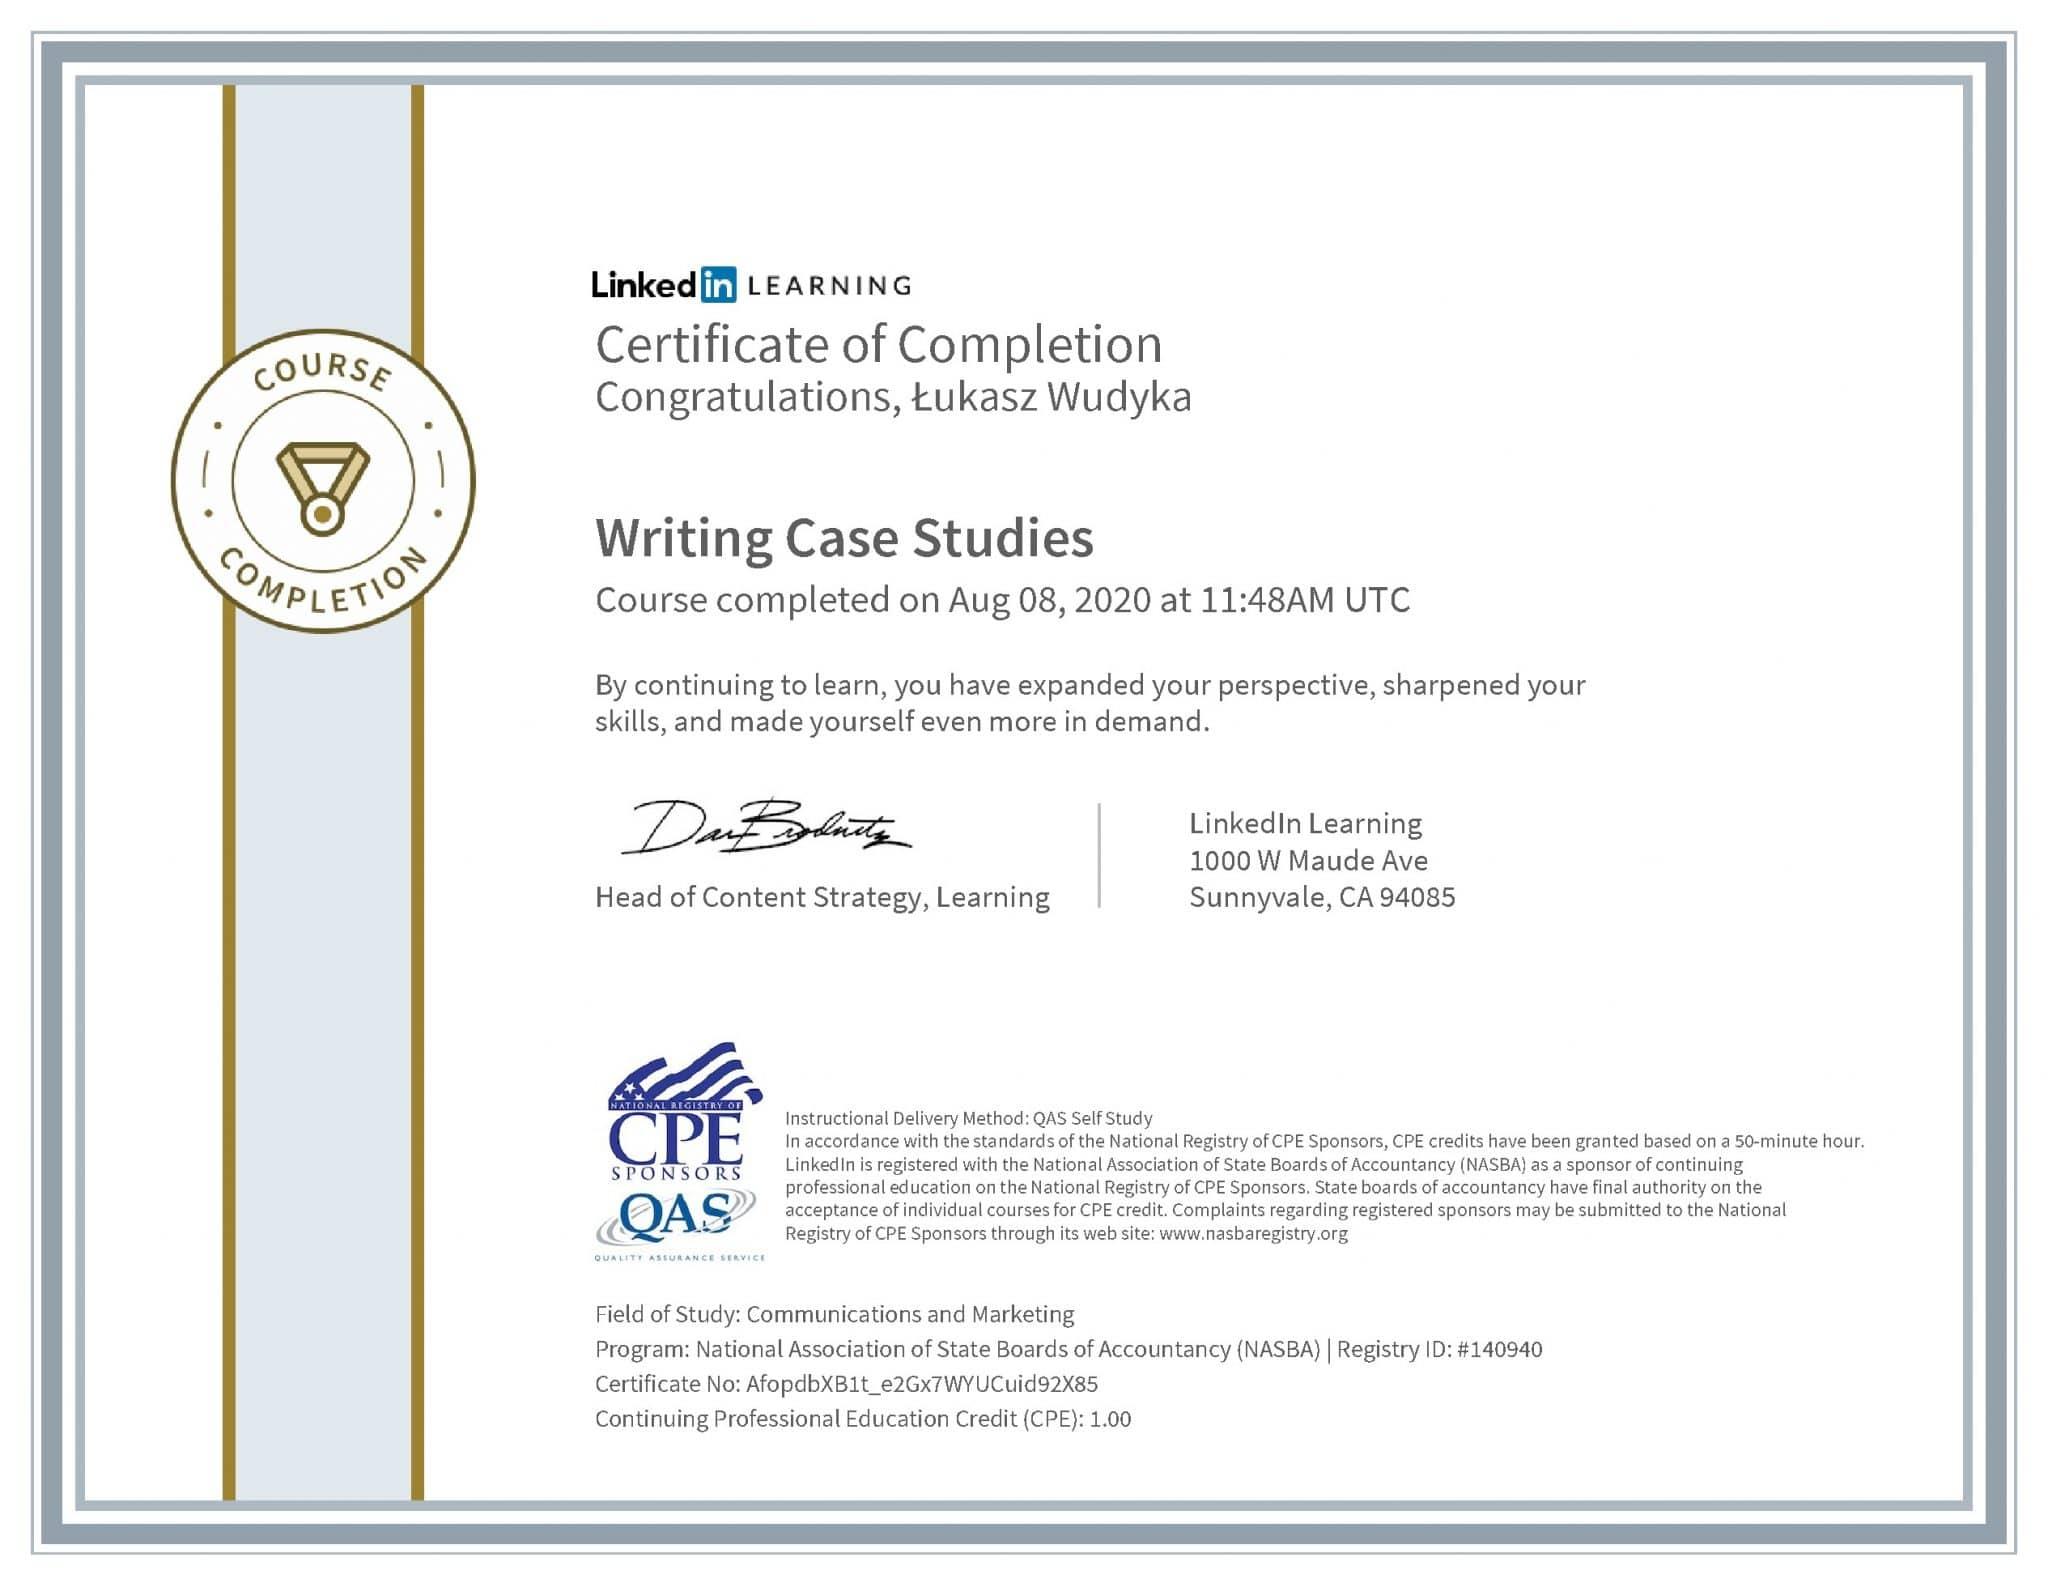 Łukasz Wudyka certyfikat LinkedIn Writing Case Studies NASBA